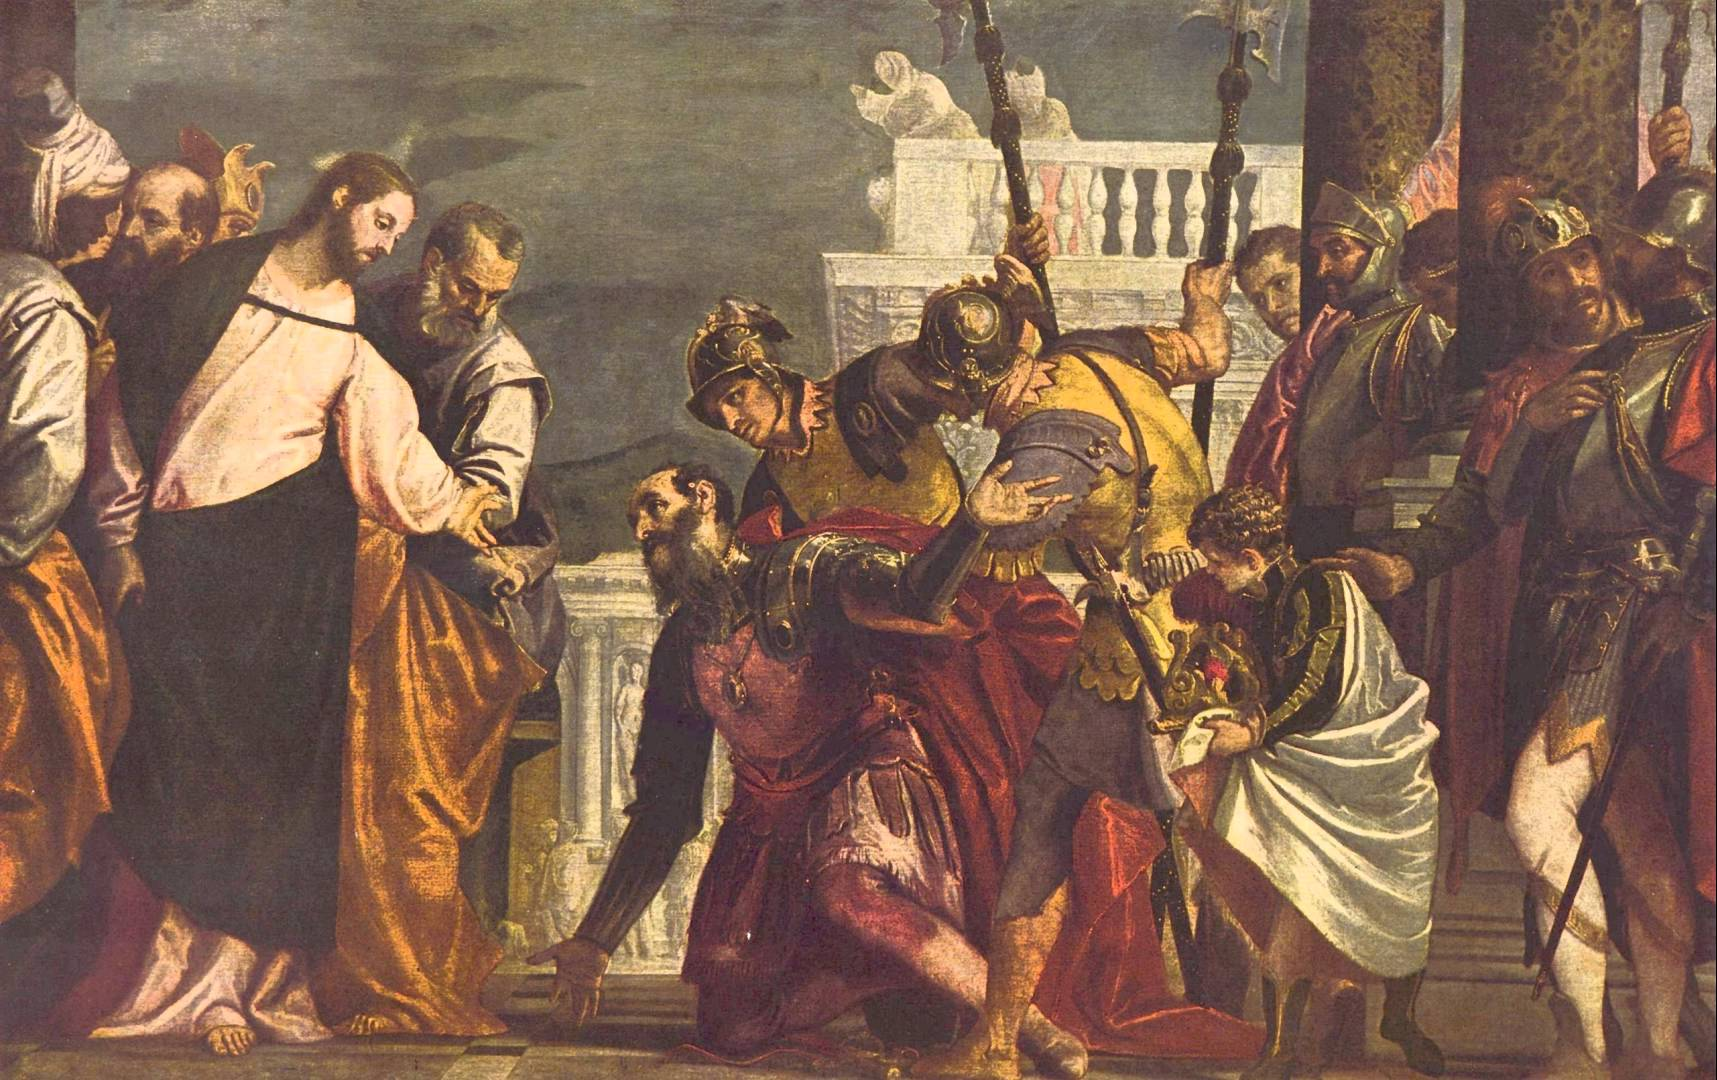 Centurian and Jesus